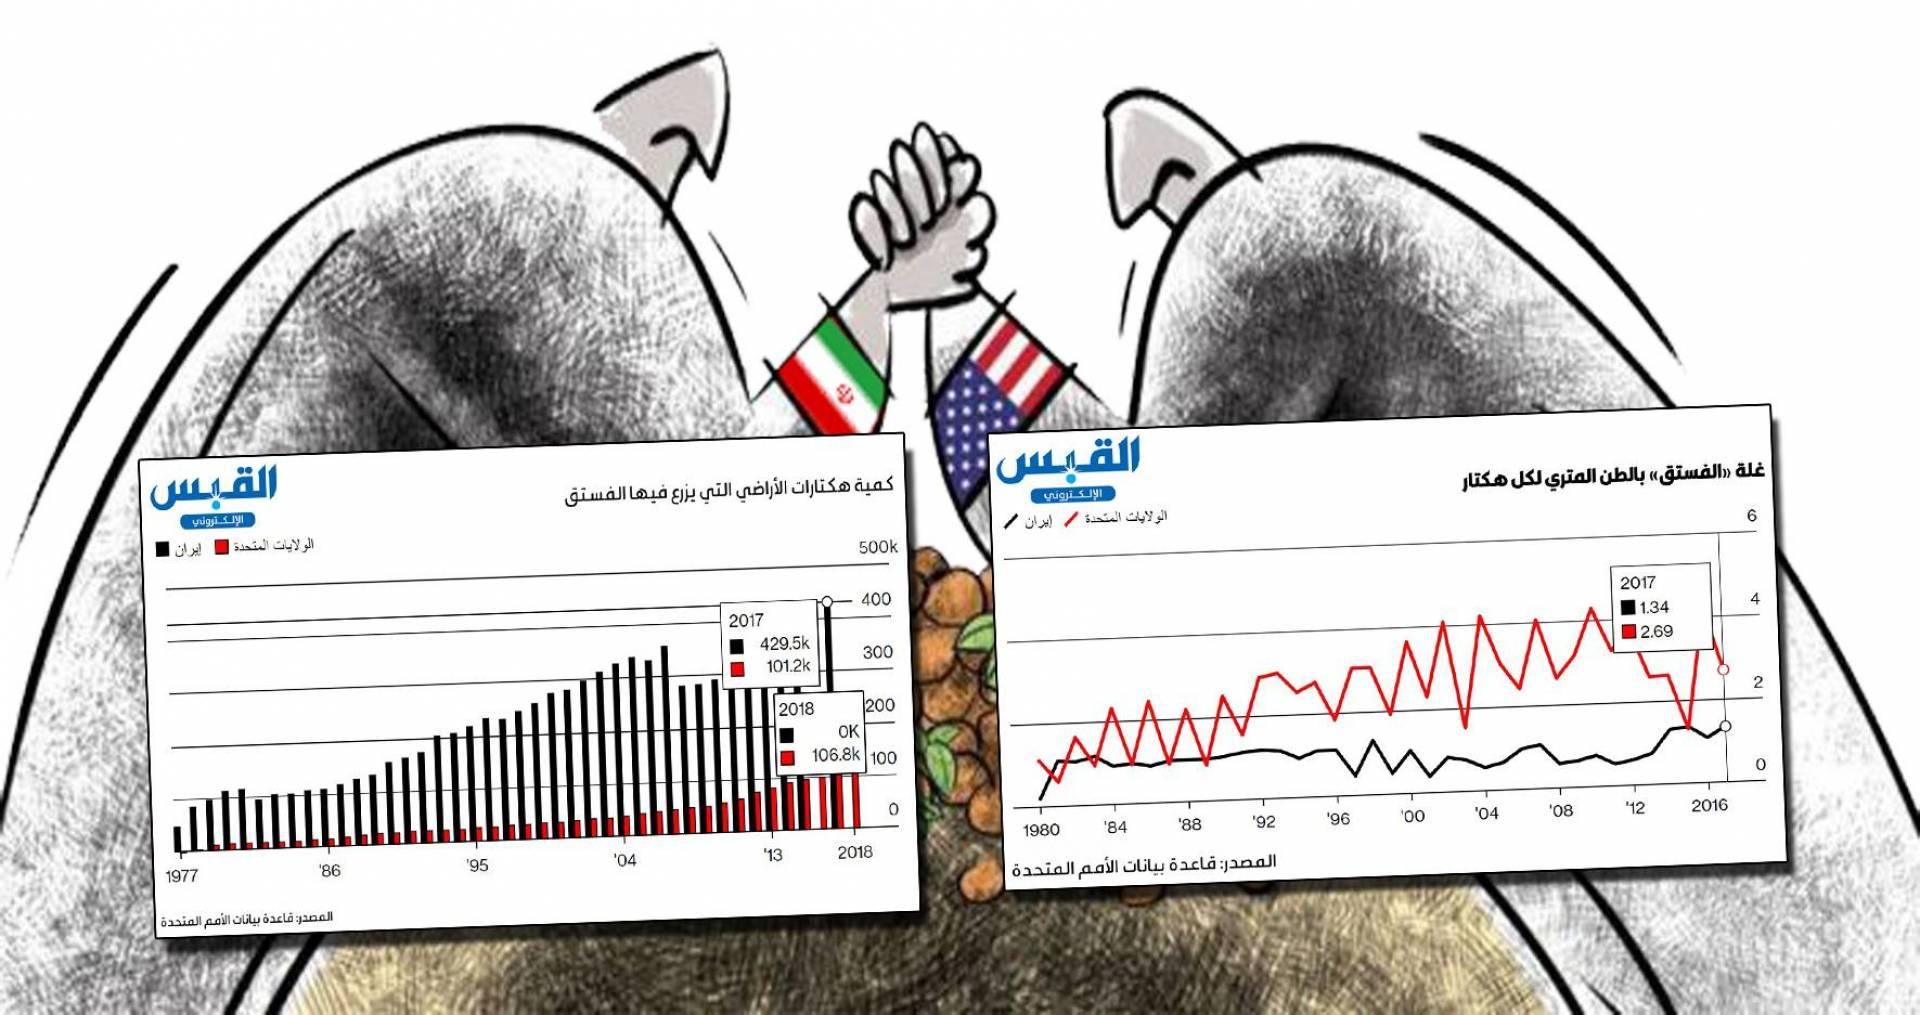 الولايات المتحدة تسقط تاج «الذهب الأخضر».. من على رأس إيران